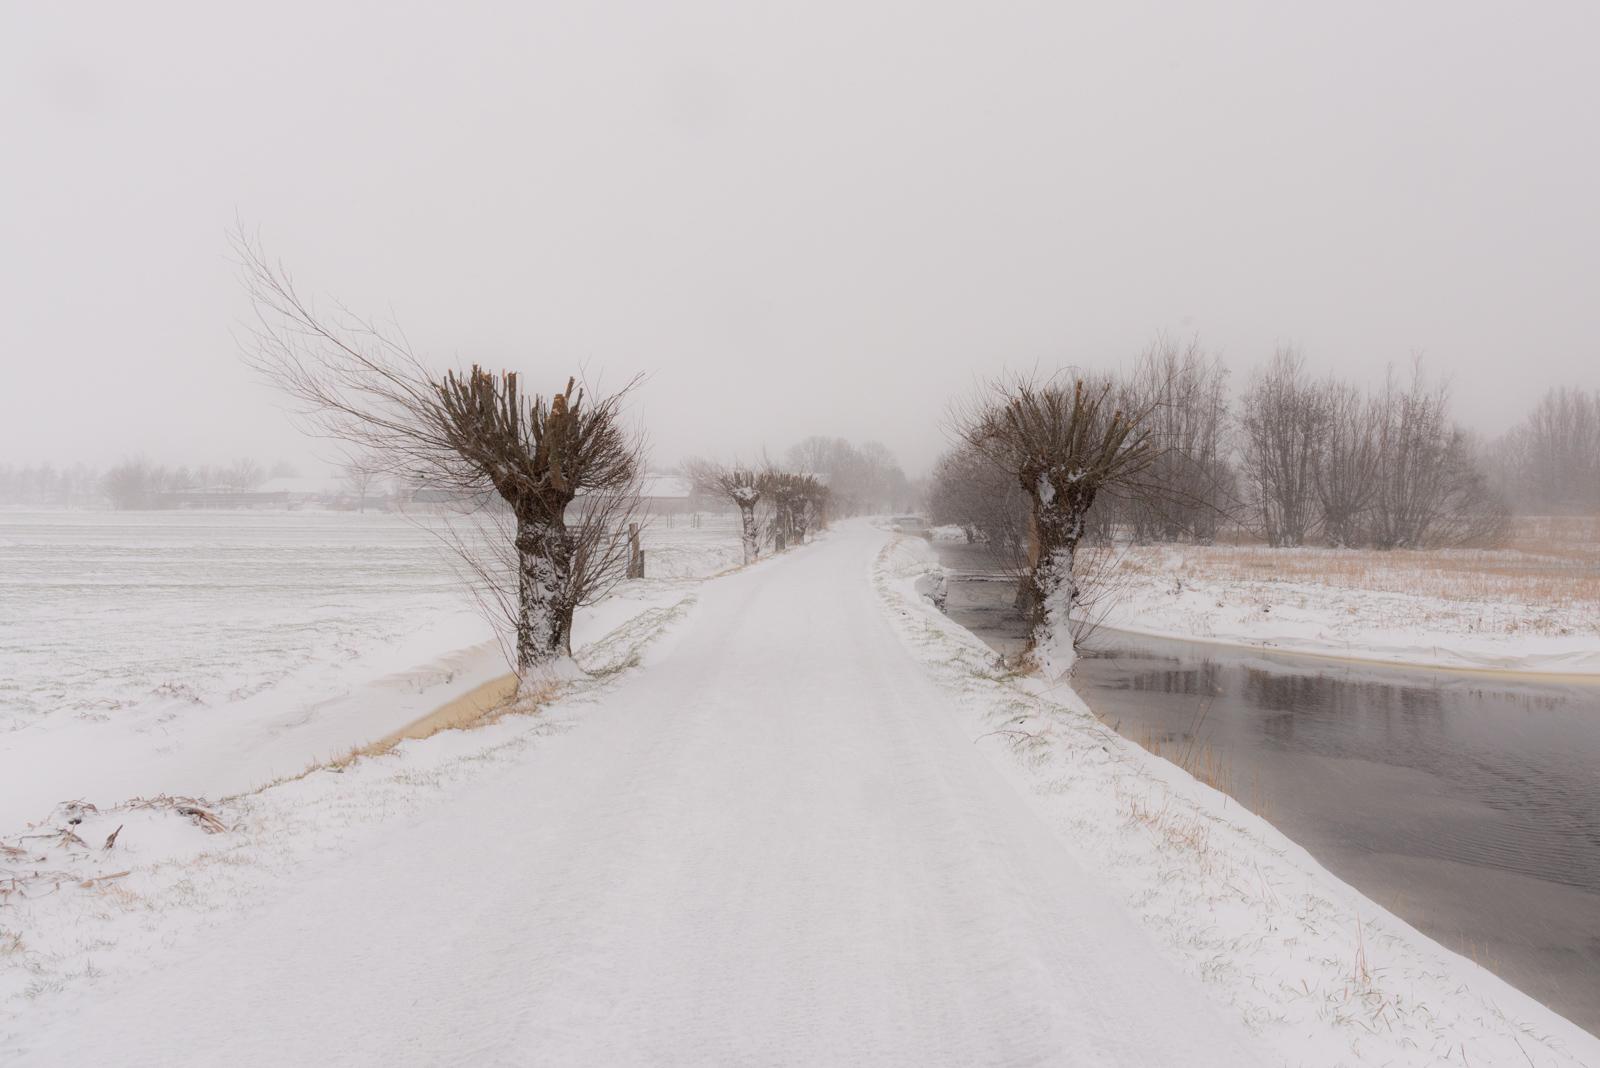 Midden Delfland / Gallery / Natuur /Sneeuw in Midden Delfland